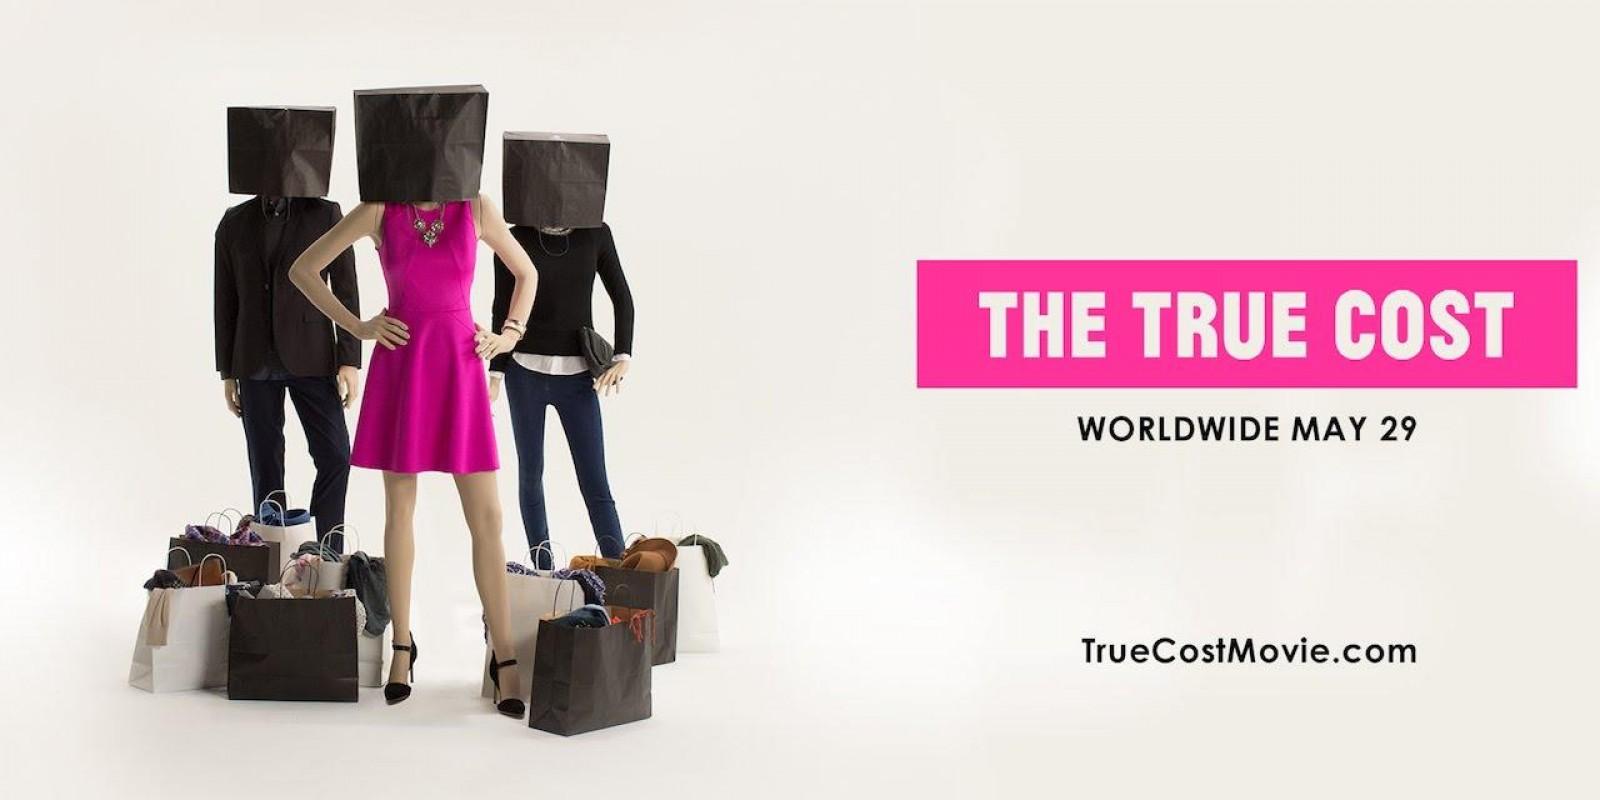 O Verdadeiro Custo Da Moda: A Vida Humana